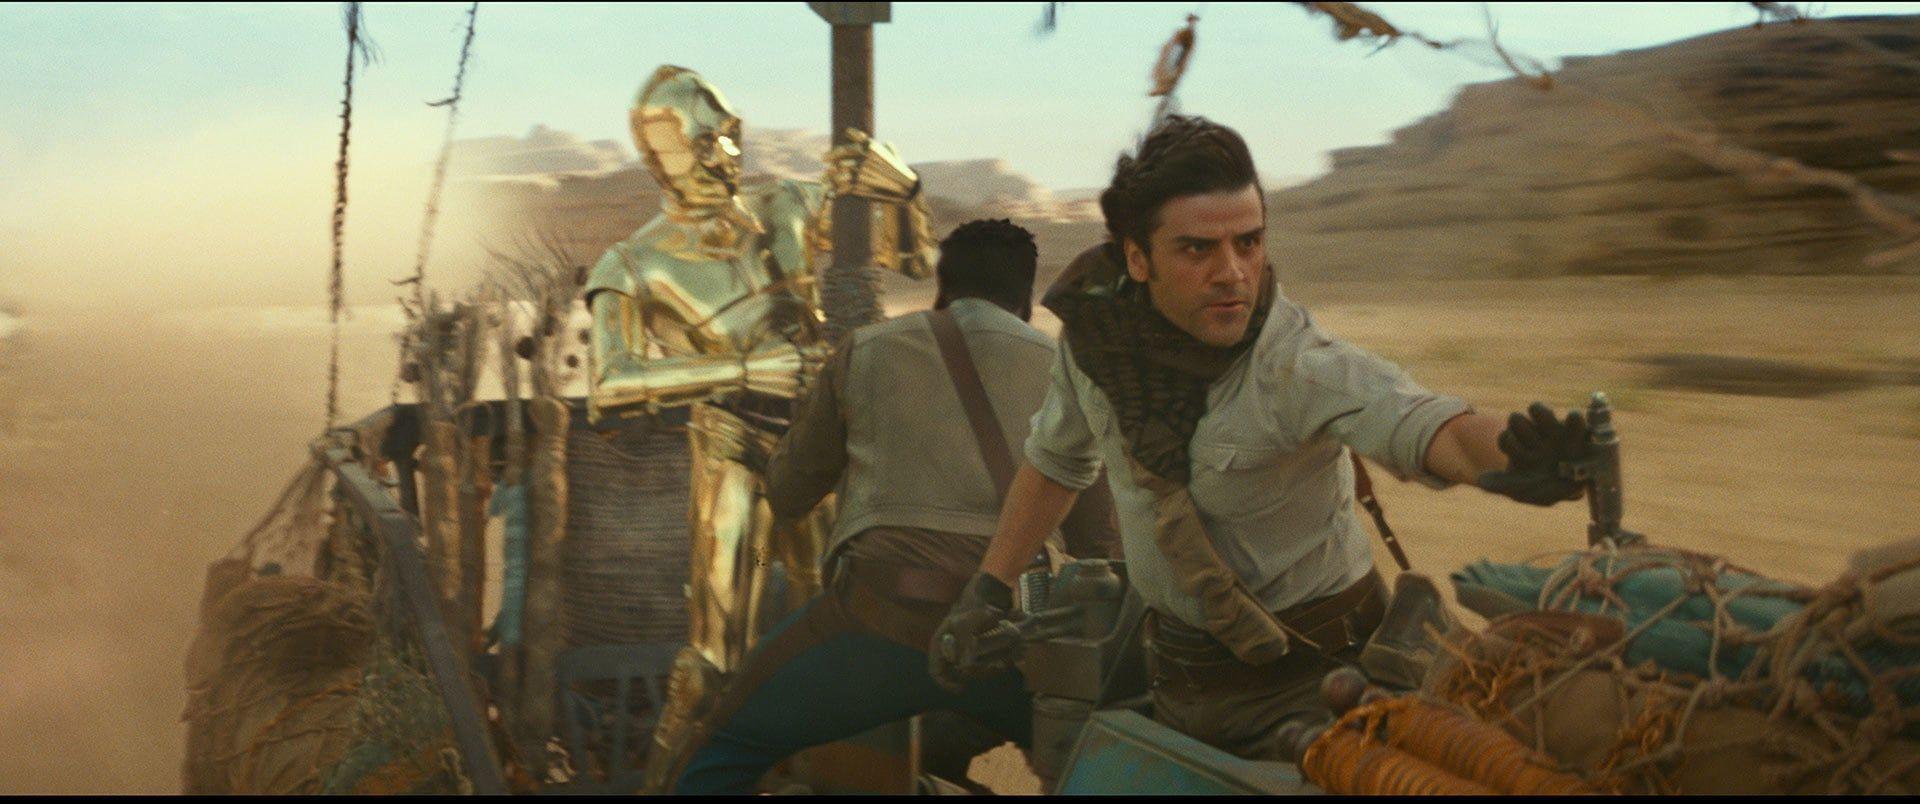 Look of the Week: Poe's infinity scarf in Star Wars: The Rise of Skywalker